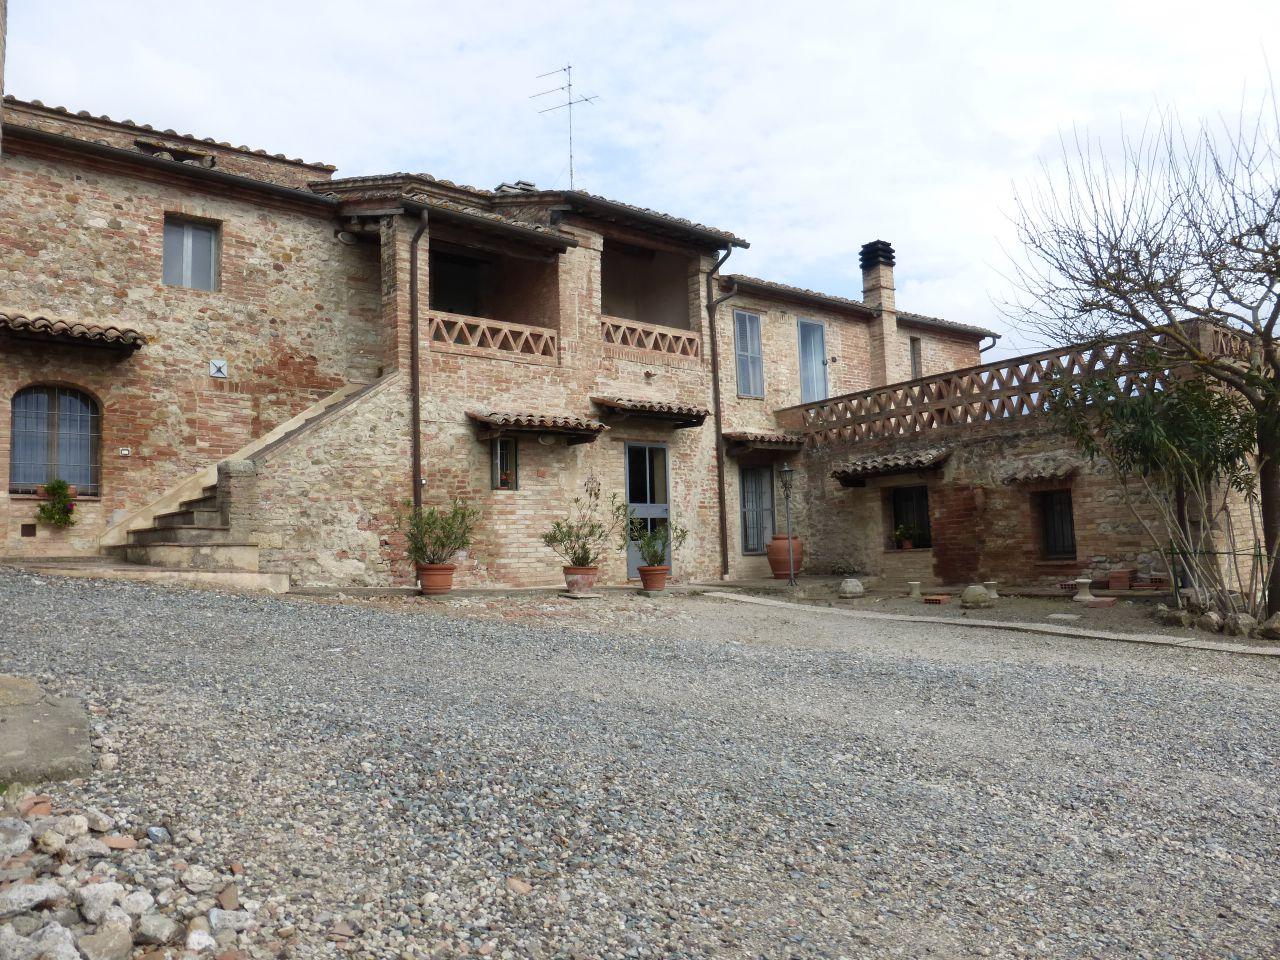 Rustico / Casale in vendita a Monteroni d'Arbia, 17 locali, Trattative riservate | CambioCasa.it